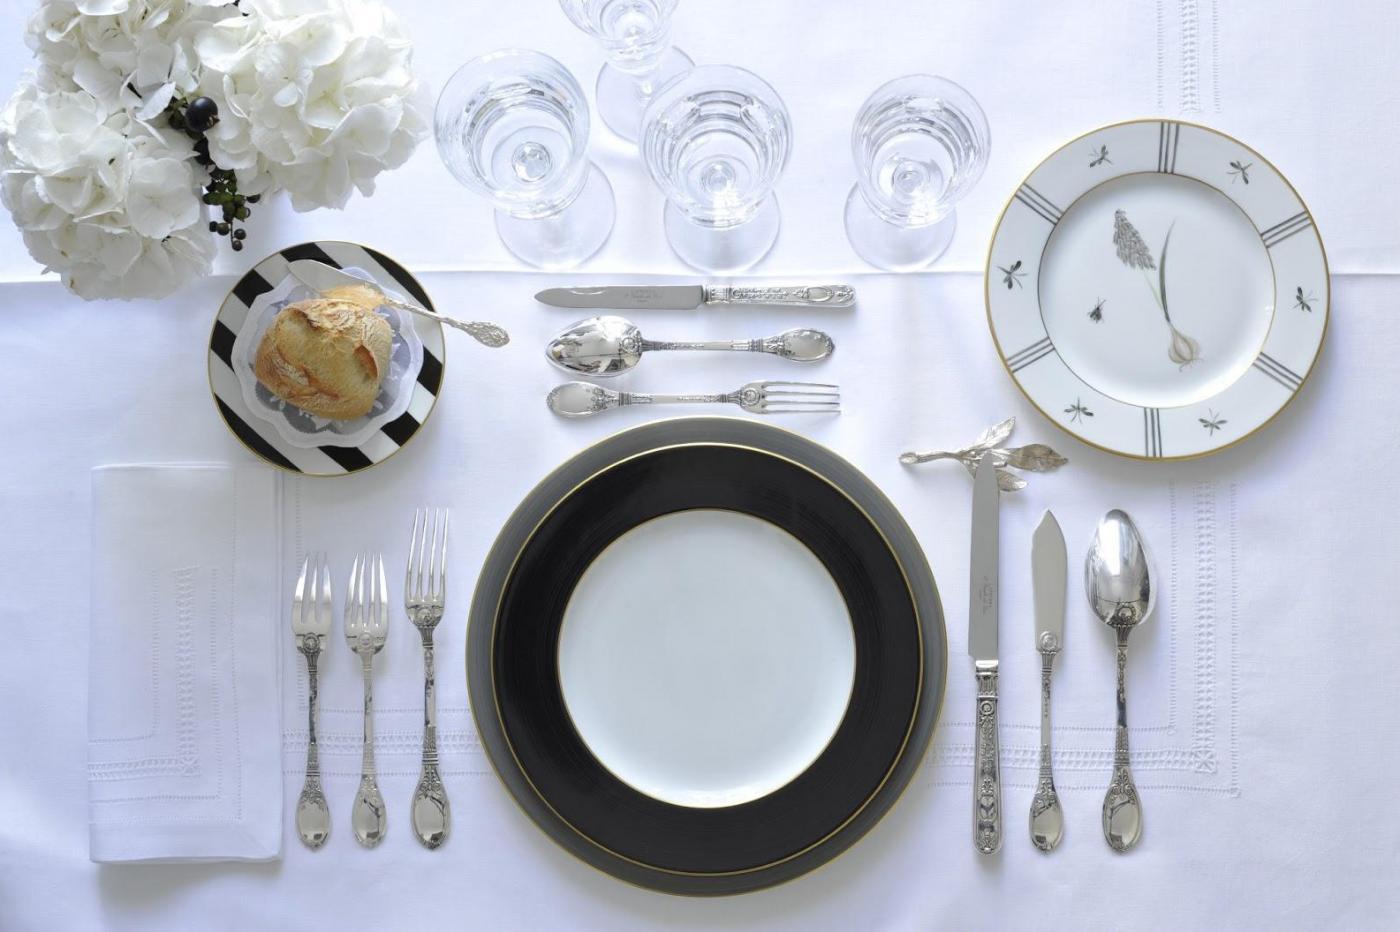 dressage de table blog z dio. Black Bedroom Furniture Sets. Home Design Ideas